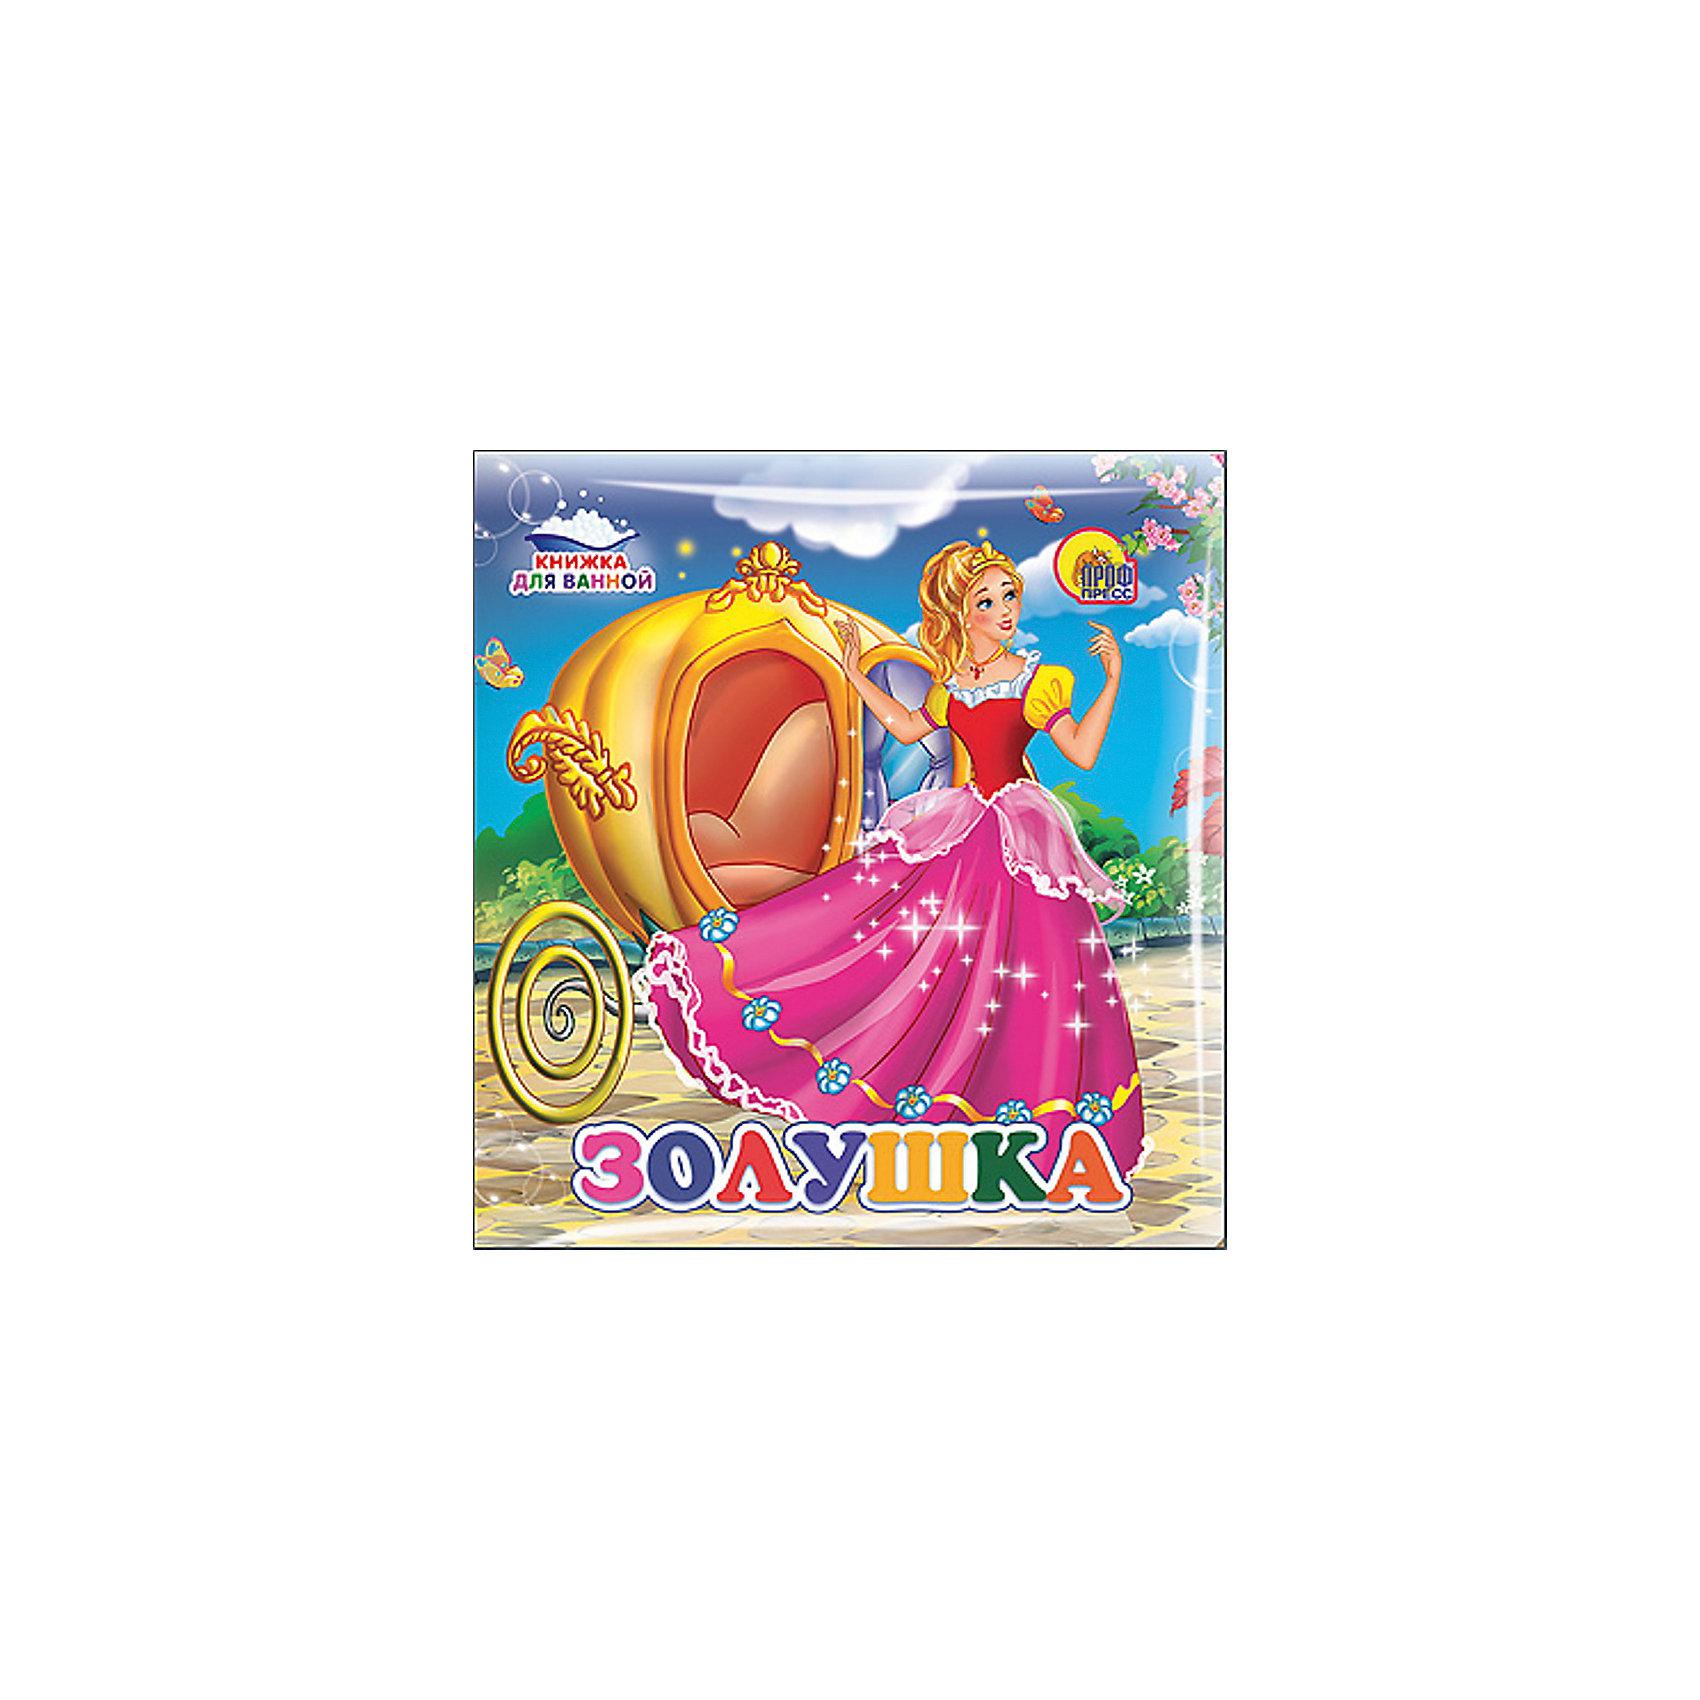 Книжка для ванной ЗолушкаПервые книги малыша<br>Книжка для ванной Золушка предназначена для самых маленьких читателей и превратит купание малыша в веселую развивающую игру. Книжка выполнена из безопасного непромокаемого материала и легко моется, если испачкается. Яркие, красочные картинки по мотивам сказки «Золушка» и новые тактильные ощущения порадуют малыша и сделают купание забавным, приятным занятием! <br><br>Дополнительная информация:<br>-Переплет: мягкий<br>-Количество страниц: 8<br>-Формат: 150х150 мм<br>-Вес: 90 г<br>-Материалы: винил<br>-Иллюстрации: цветные<br><br>Книжка для ванной Золушка можно купить в нашем магазине.<br><br>Ширина мм: 150<br>Глубина мм: 20<br>Высота мм: 150<br>Вес г: 90<br>Возраст от месяцев: 0<br>Возраст до месяцев: 48<br>Пол: Женский<br>Возраст: Детский<br>SKU: 4275904